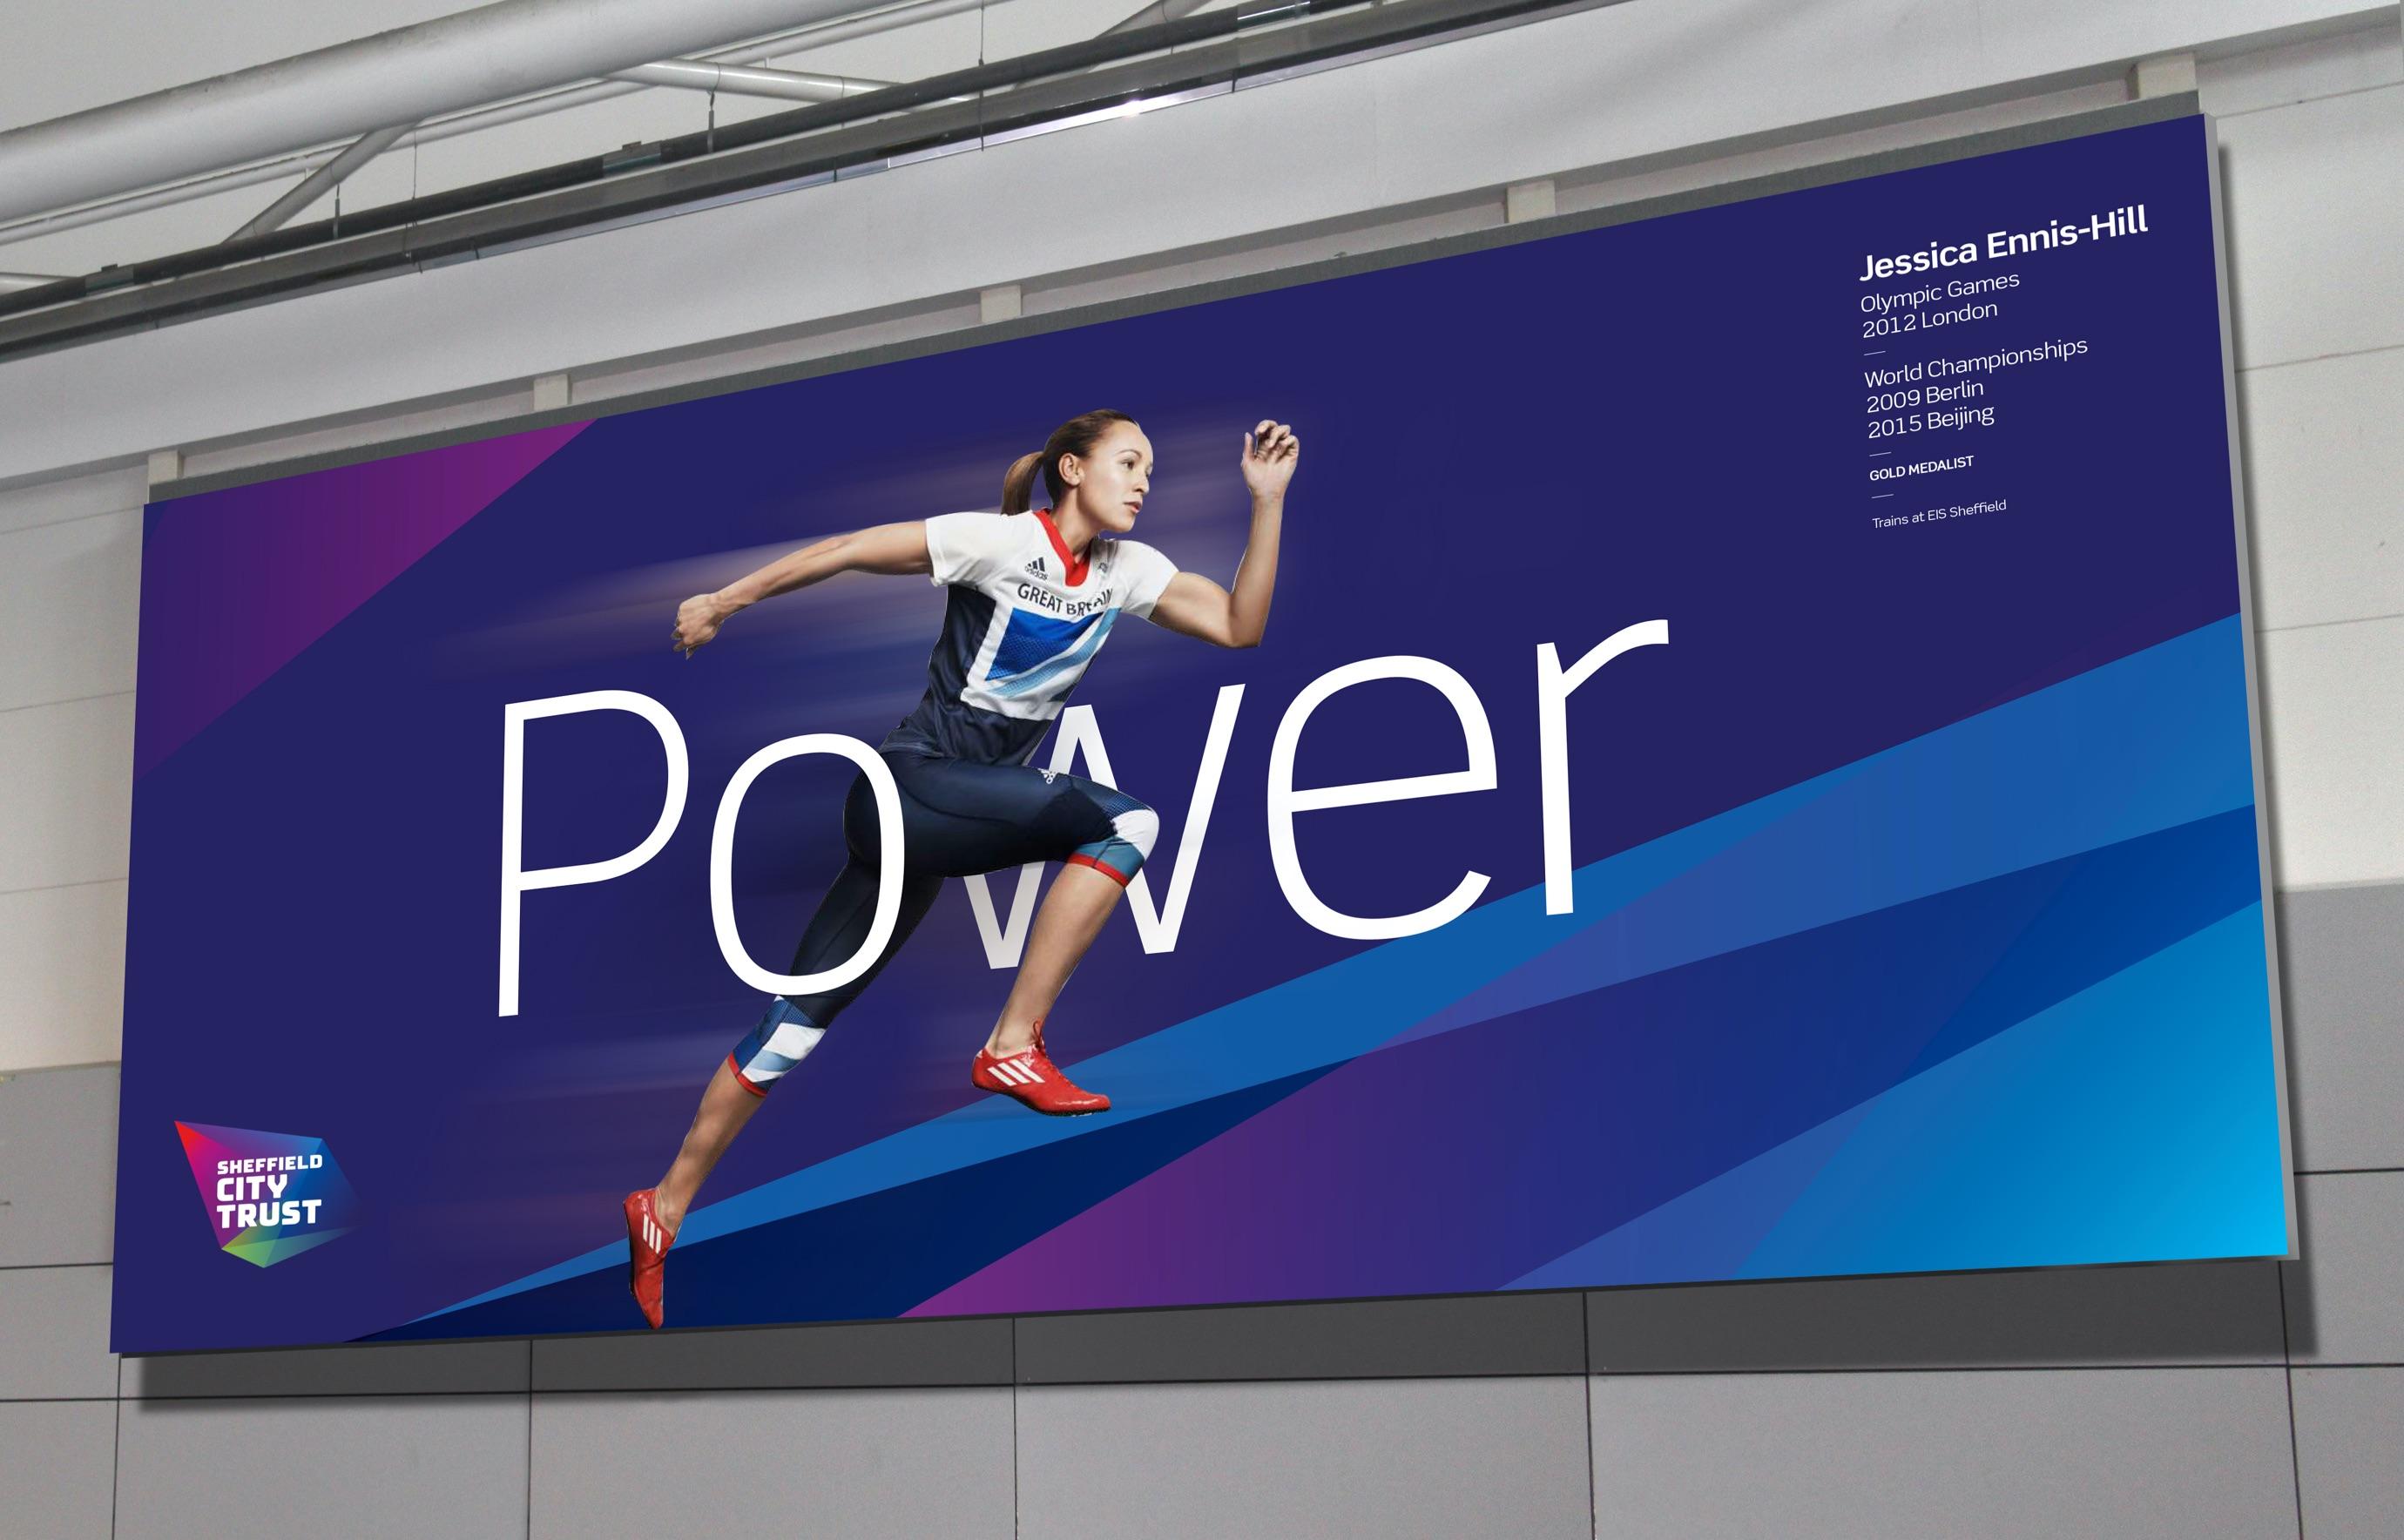 Sheffield City Trust 'Power' advert on a billboard